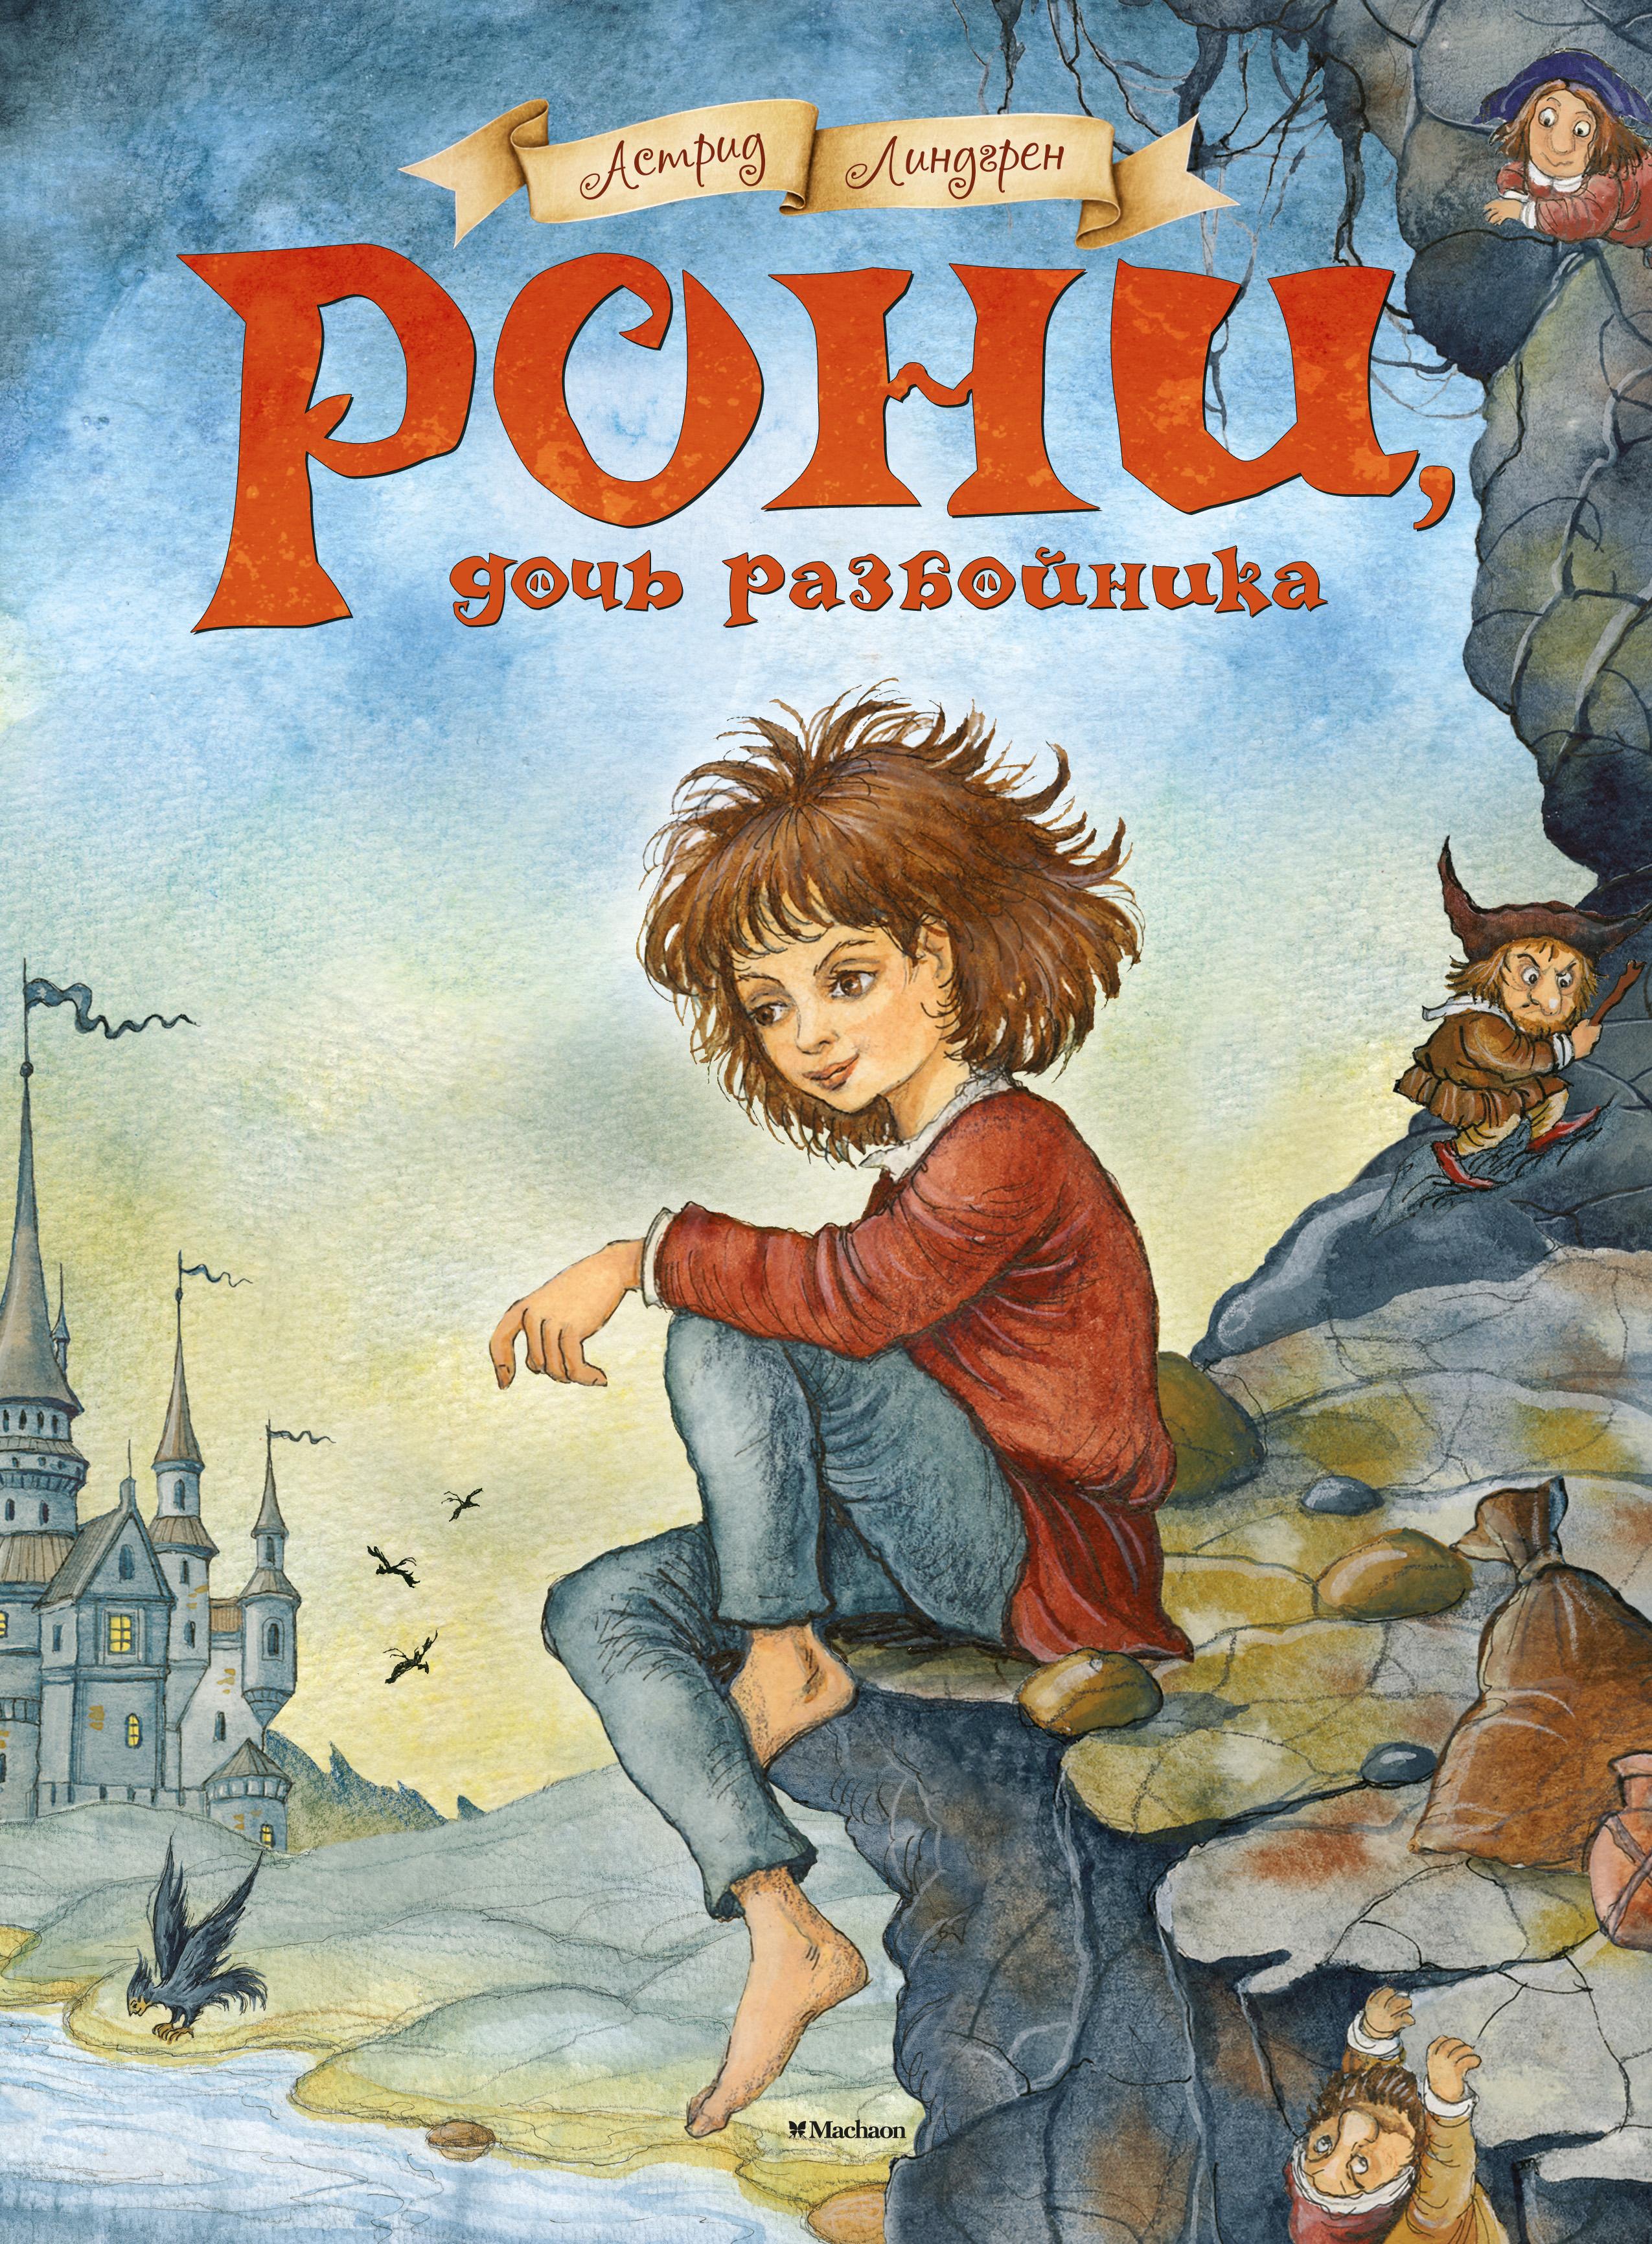 Астрид Линдгрен, Рони, дочь разбойника – читать онлайн полностью ...